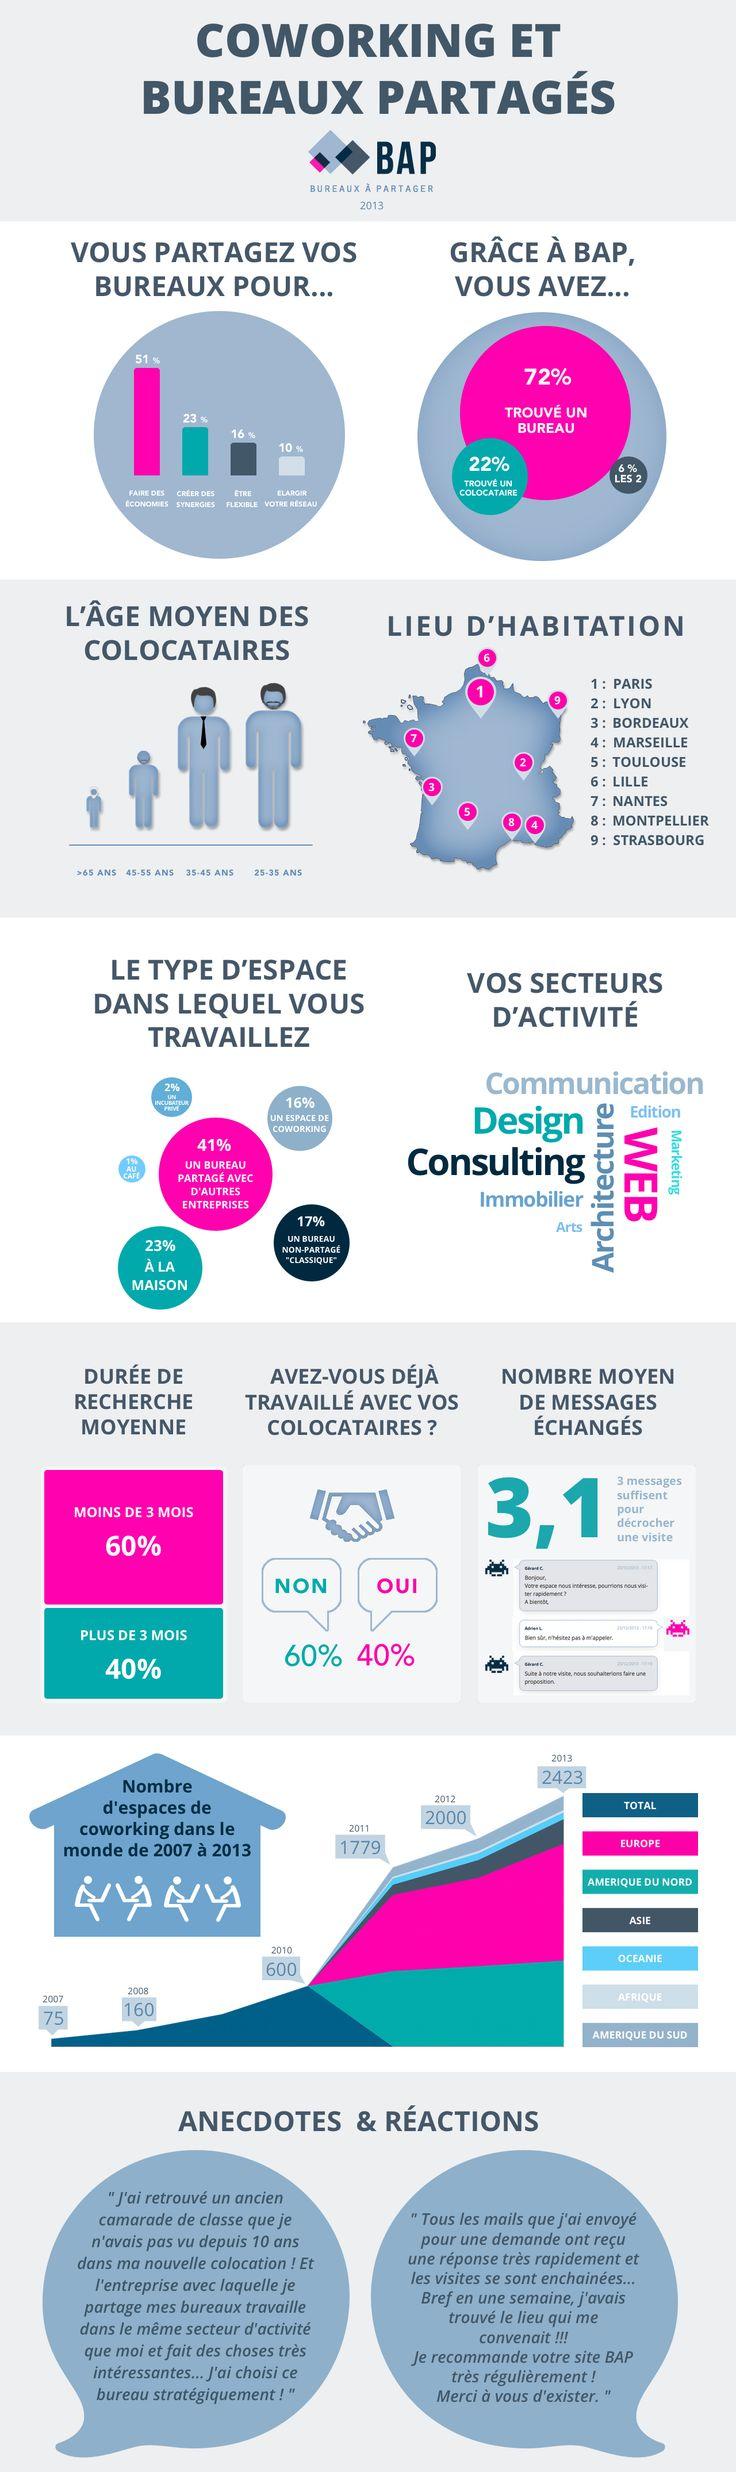 [Infographie] Le nombre d'espaces de coworking dans le monde a été multiplié par 32 depuis 2007 - Maddyness